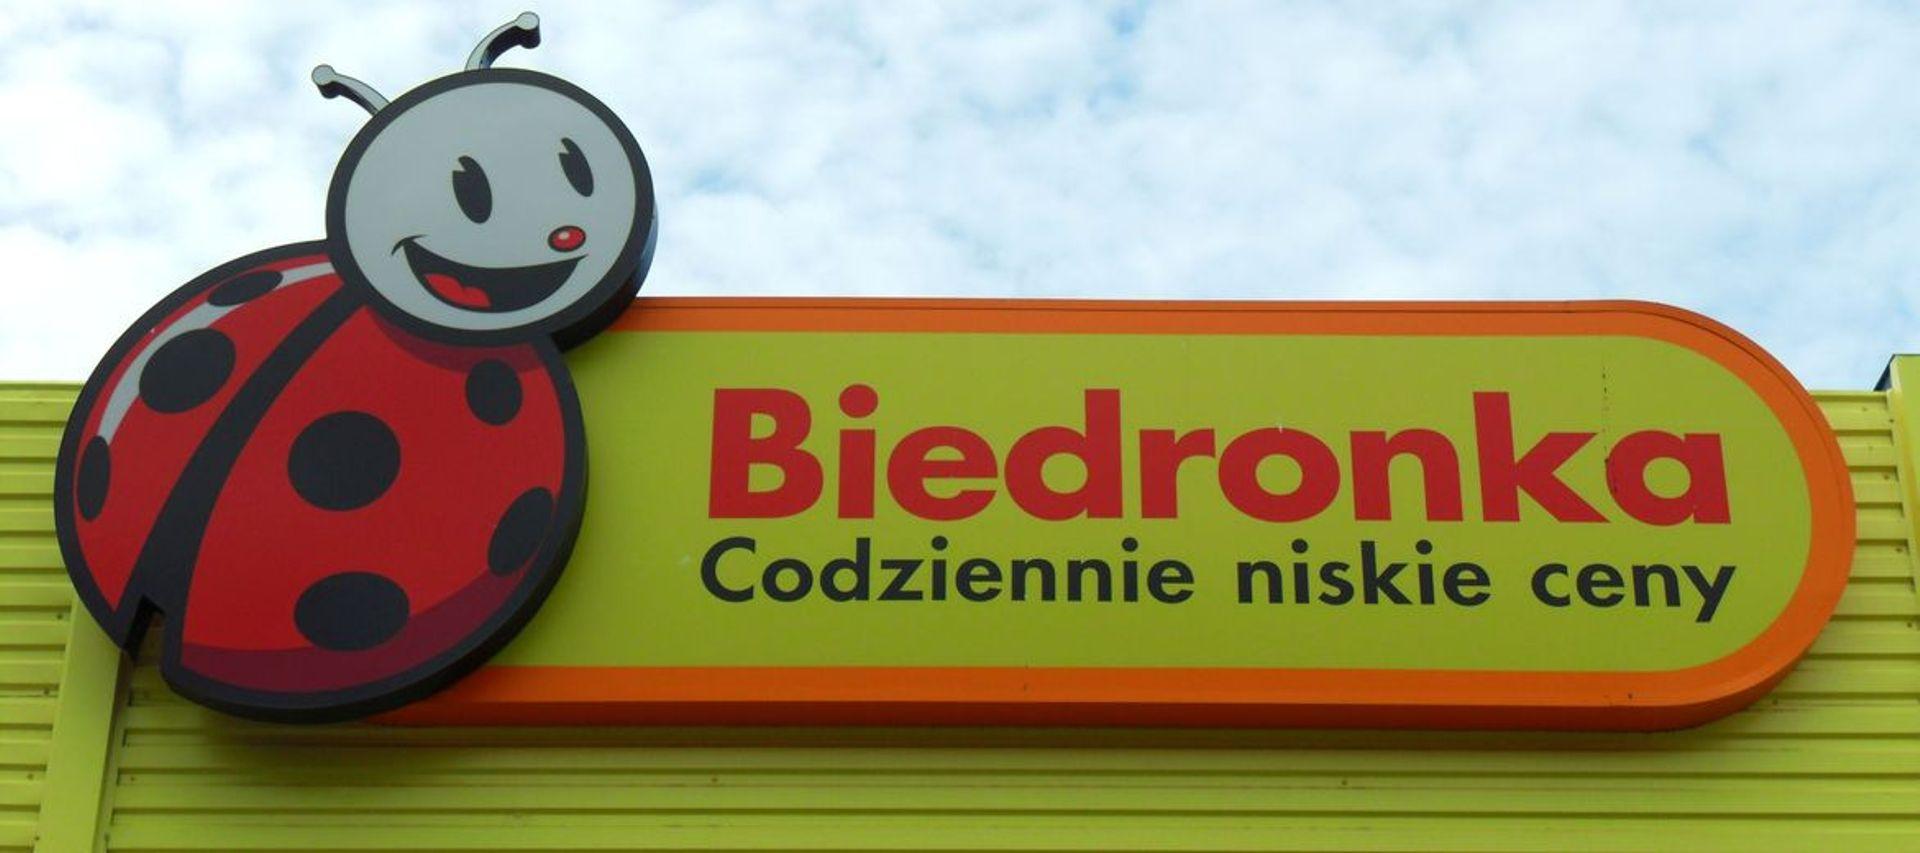 Wrocław: Biedronka na Klecinie bliska otwarcia. Jeronimo Martins szuka pracowników